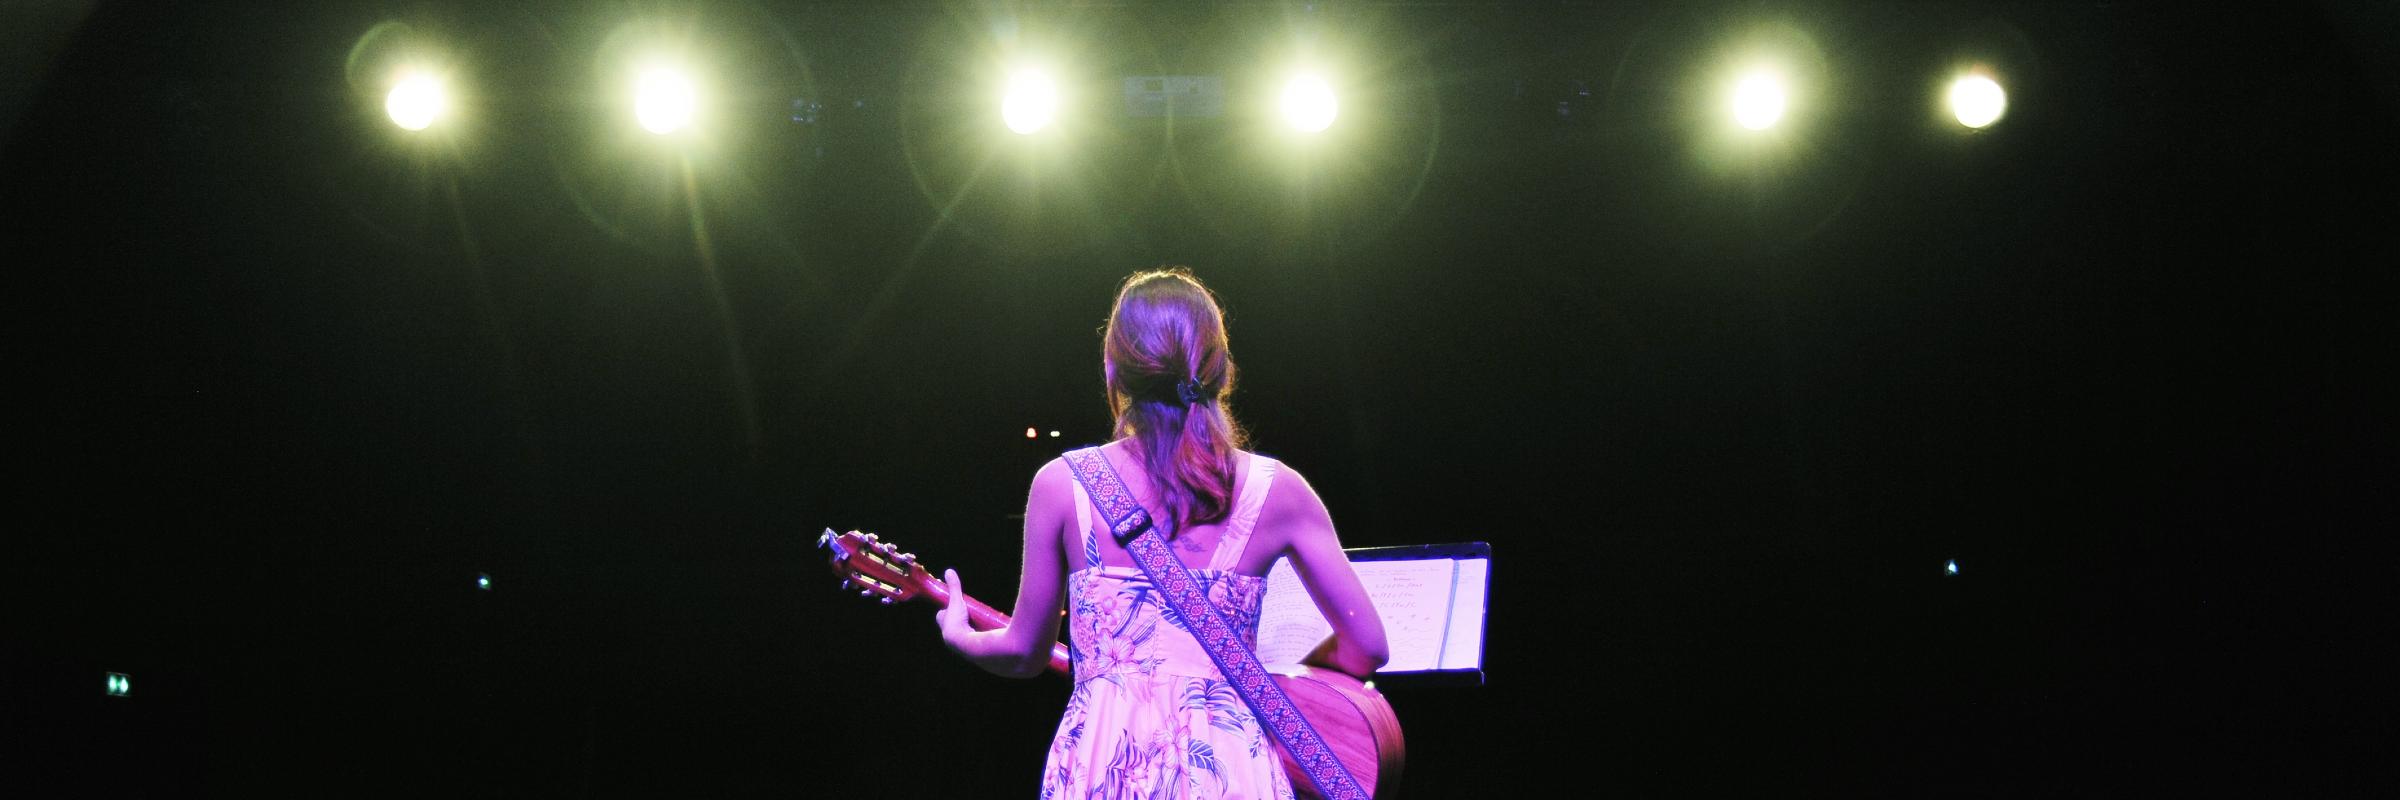 Alice Darlix, musicien Chanteur en représentation à Haute Savoie - photo de couverture n° 2